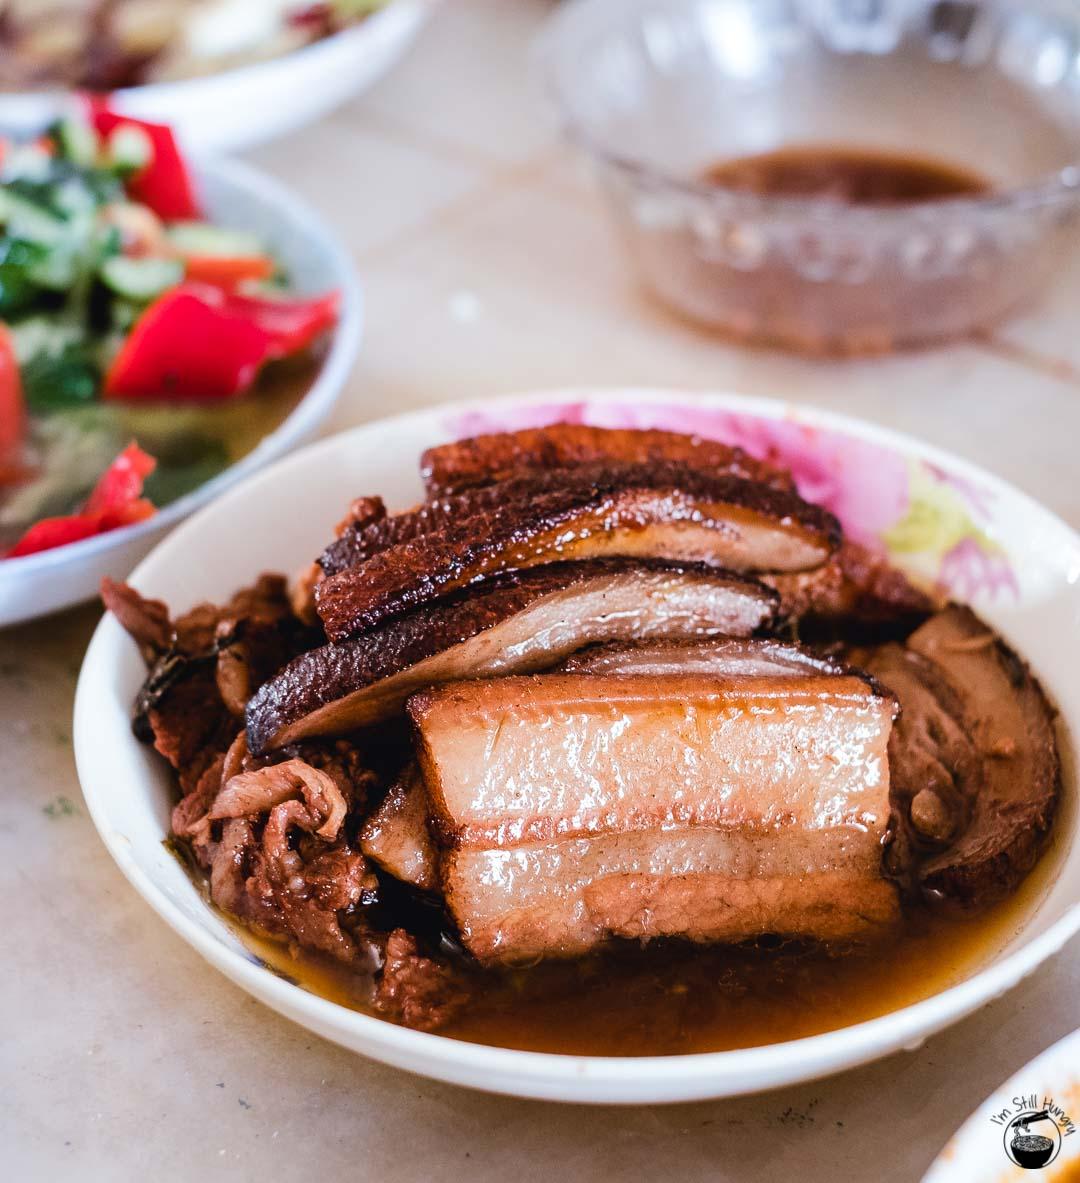 梅菜扣肉 (mei cai kou rou) Hui Min Jie Xi'an Muslim Street Food